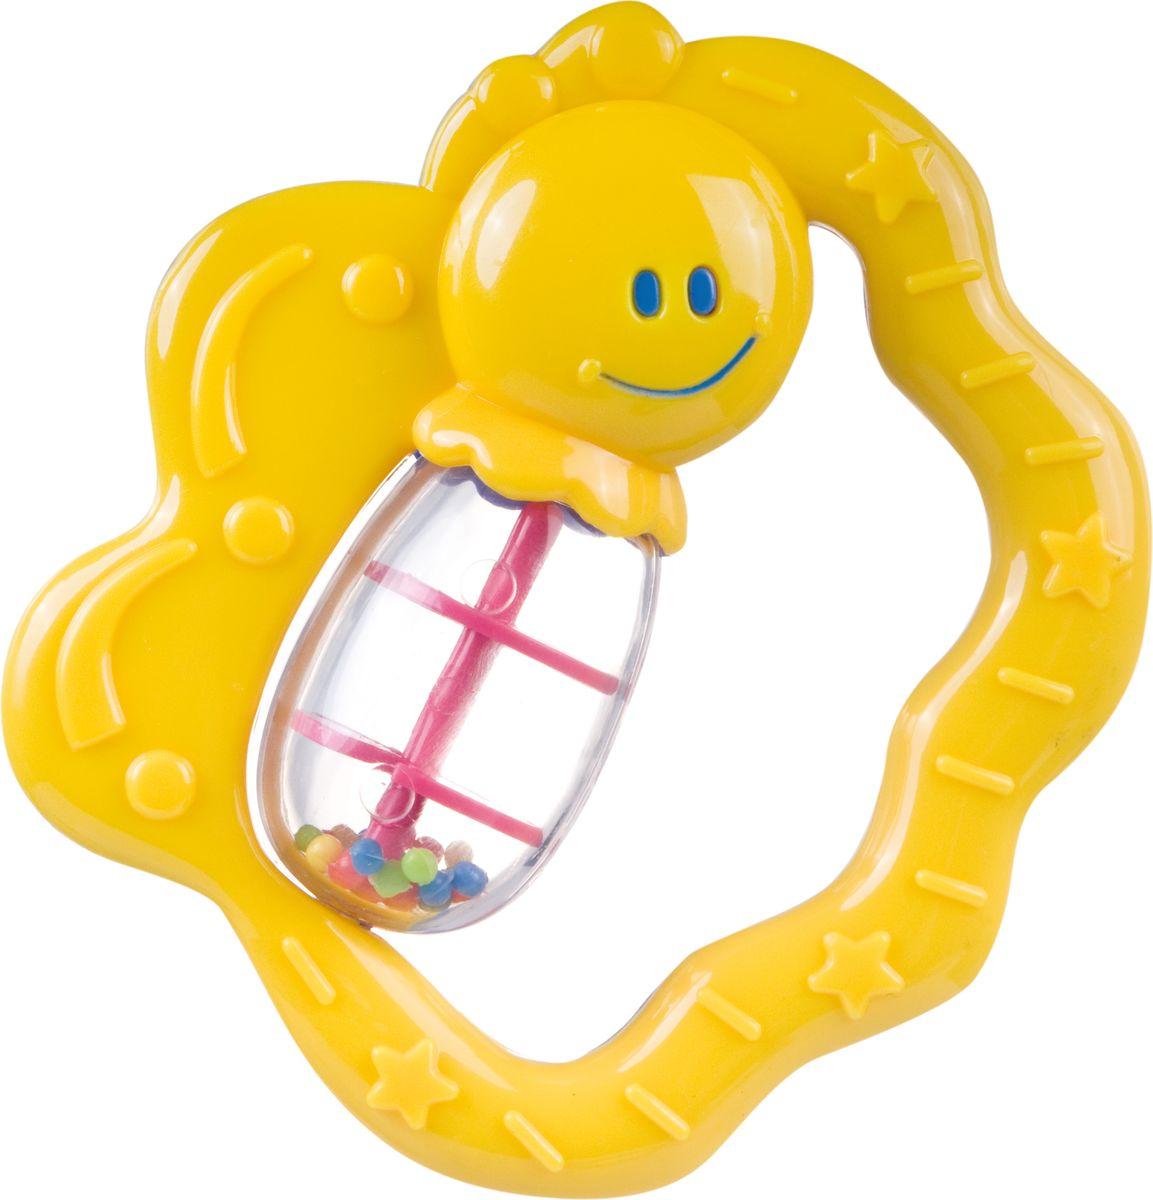 Canpol Babies Погремушка Бабочка цвет желтый стеллар погремушка дудочка стеллар